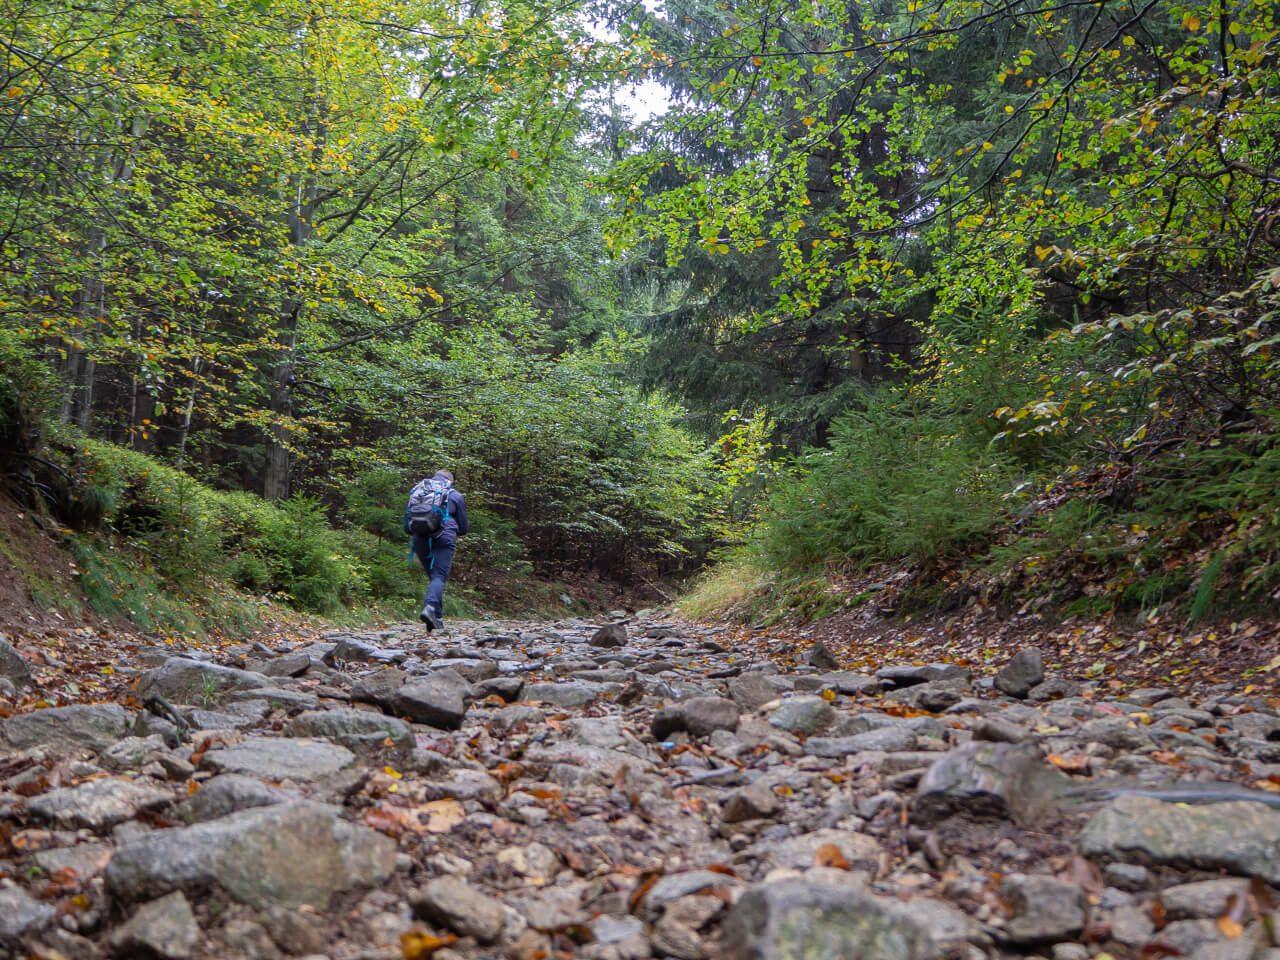 Szlak turystyczny Góry Sowie